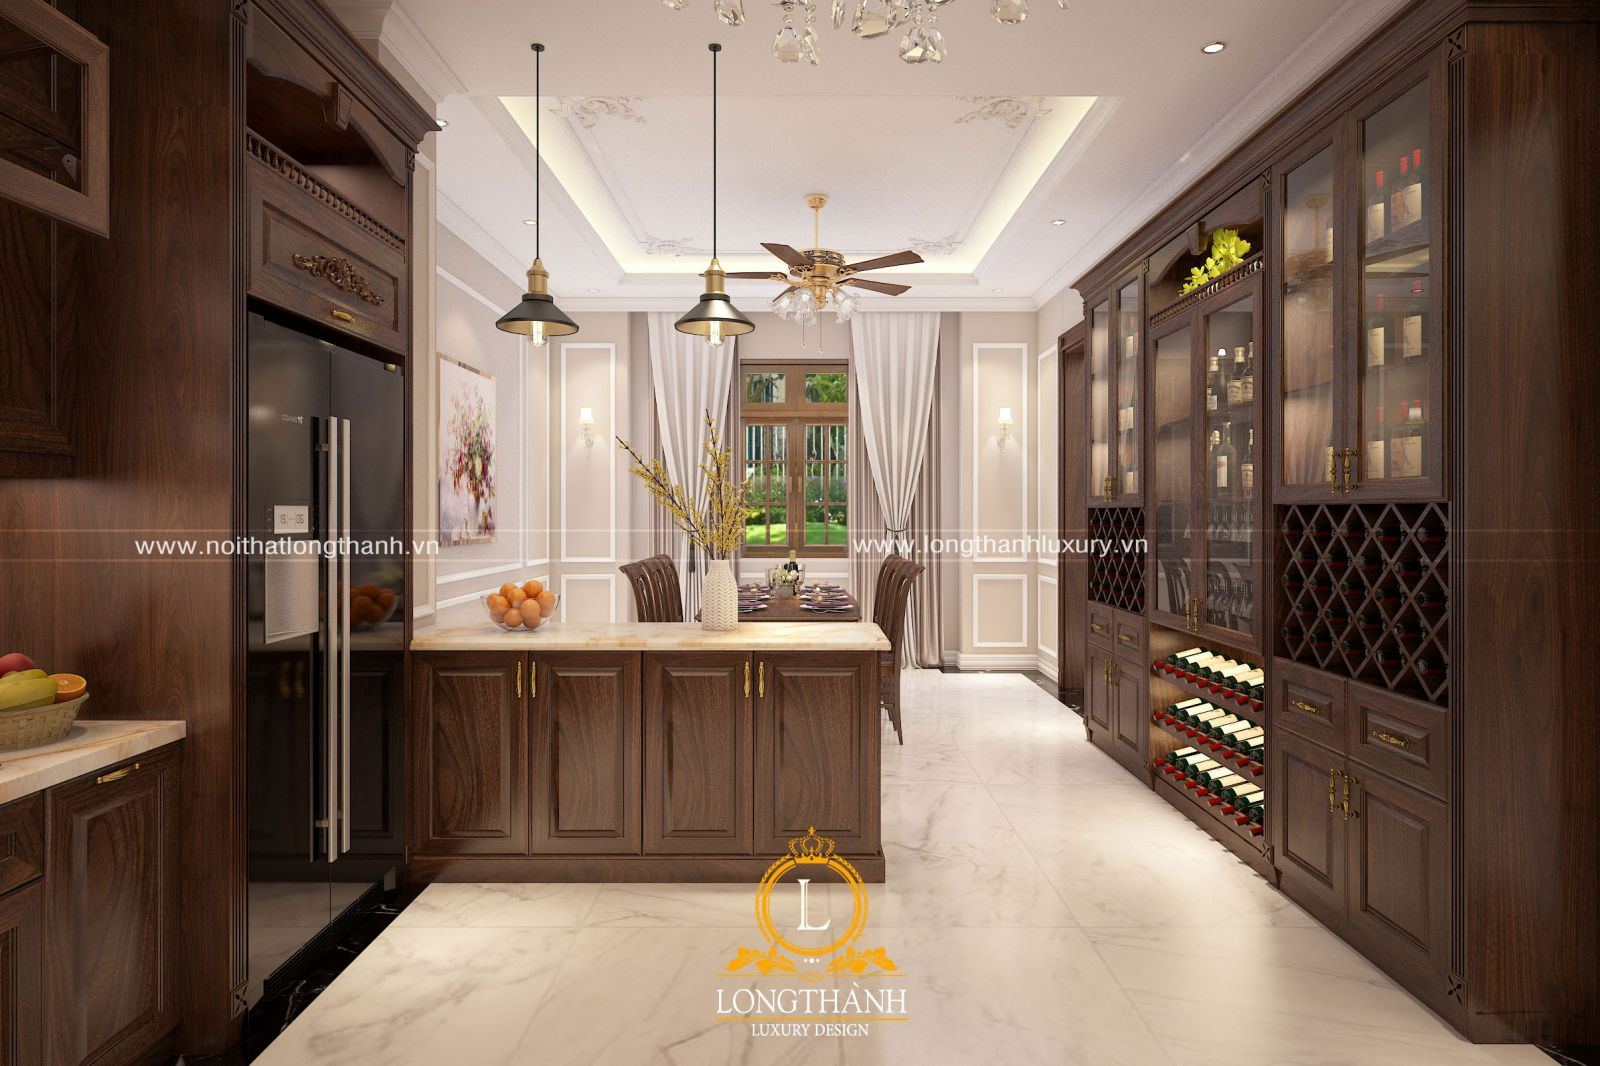 Thiết kế phòng bếp nhà biệt thự đầy đủ tiện nghi